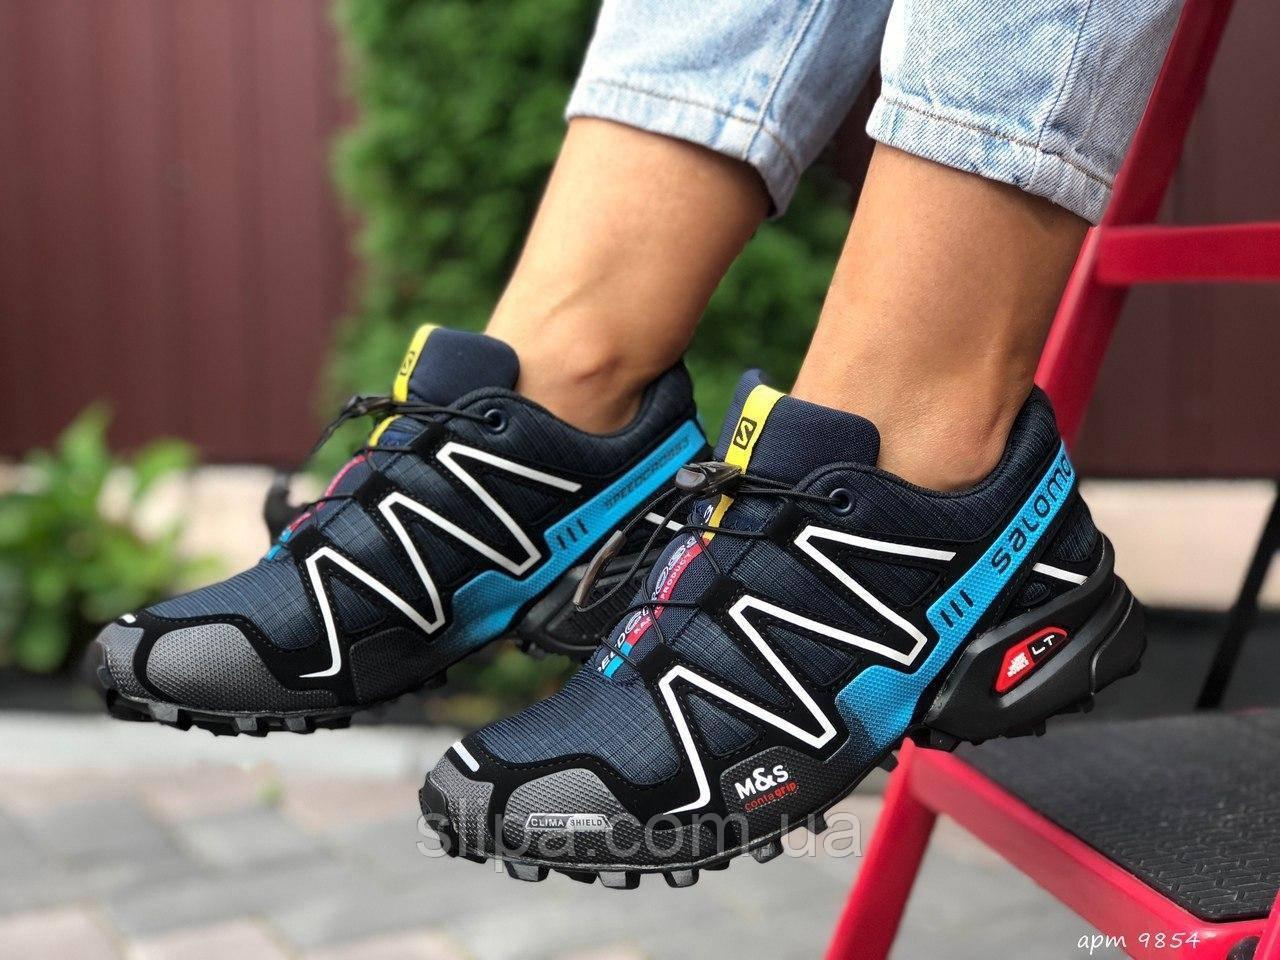 Женские кроссовки Salomon Speedcross 3 чёрные с белым и голубым